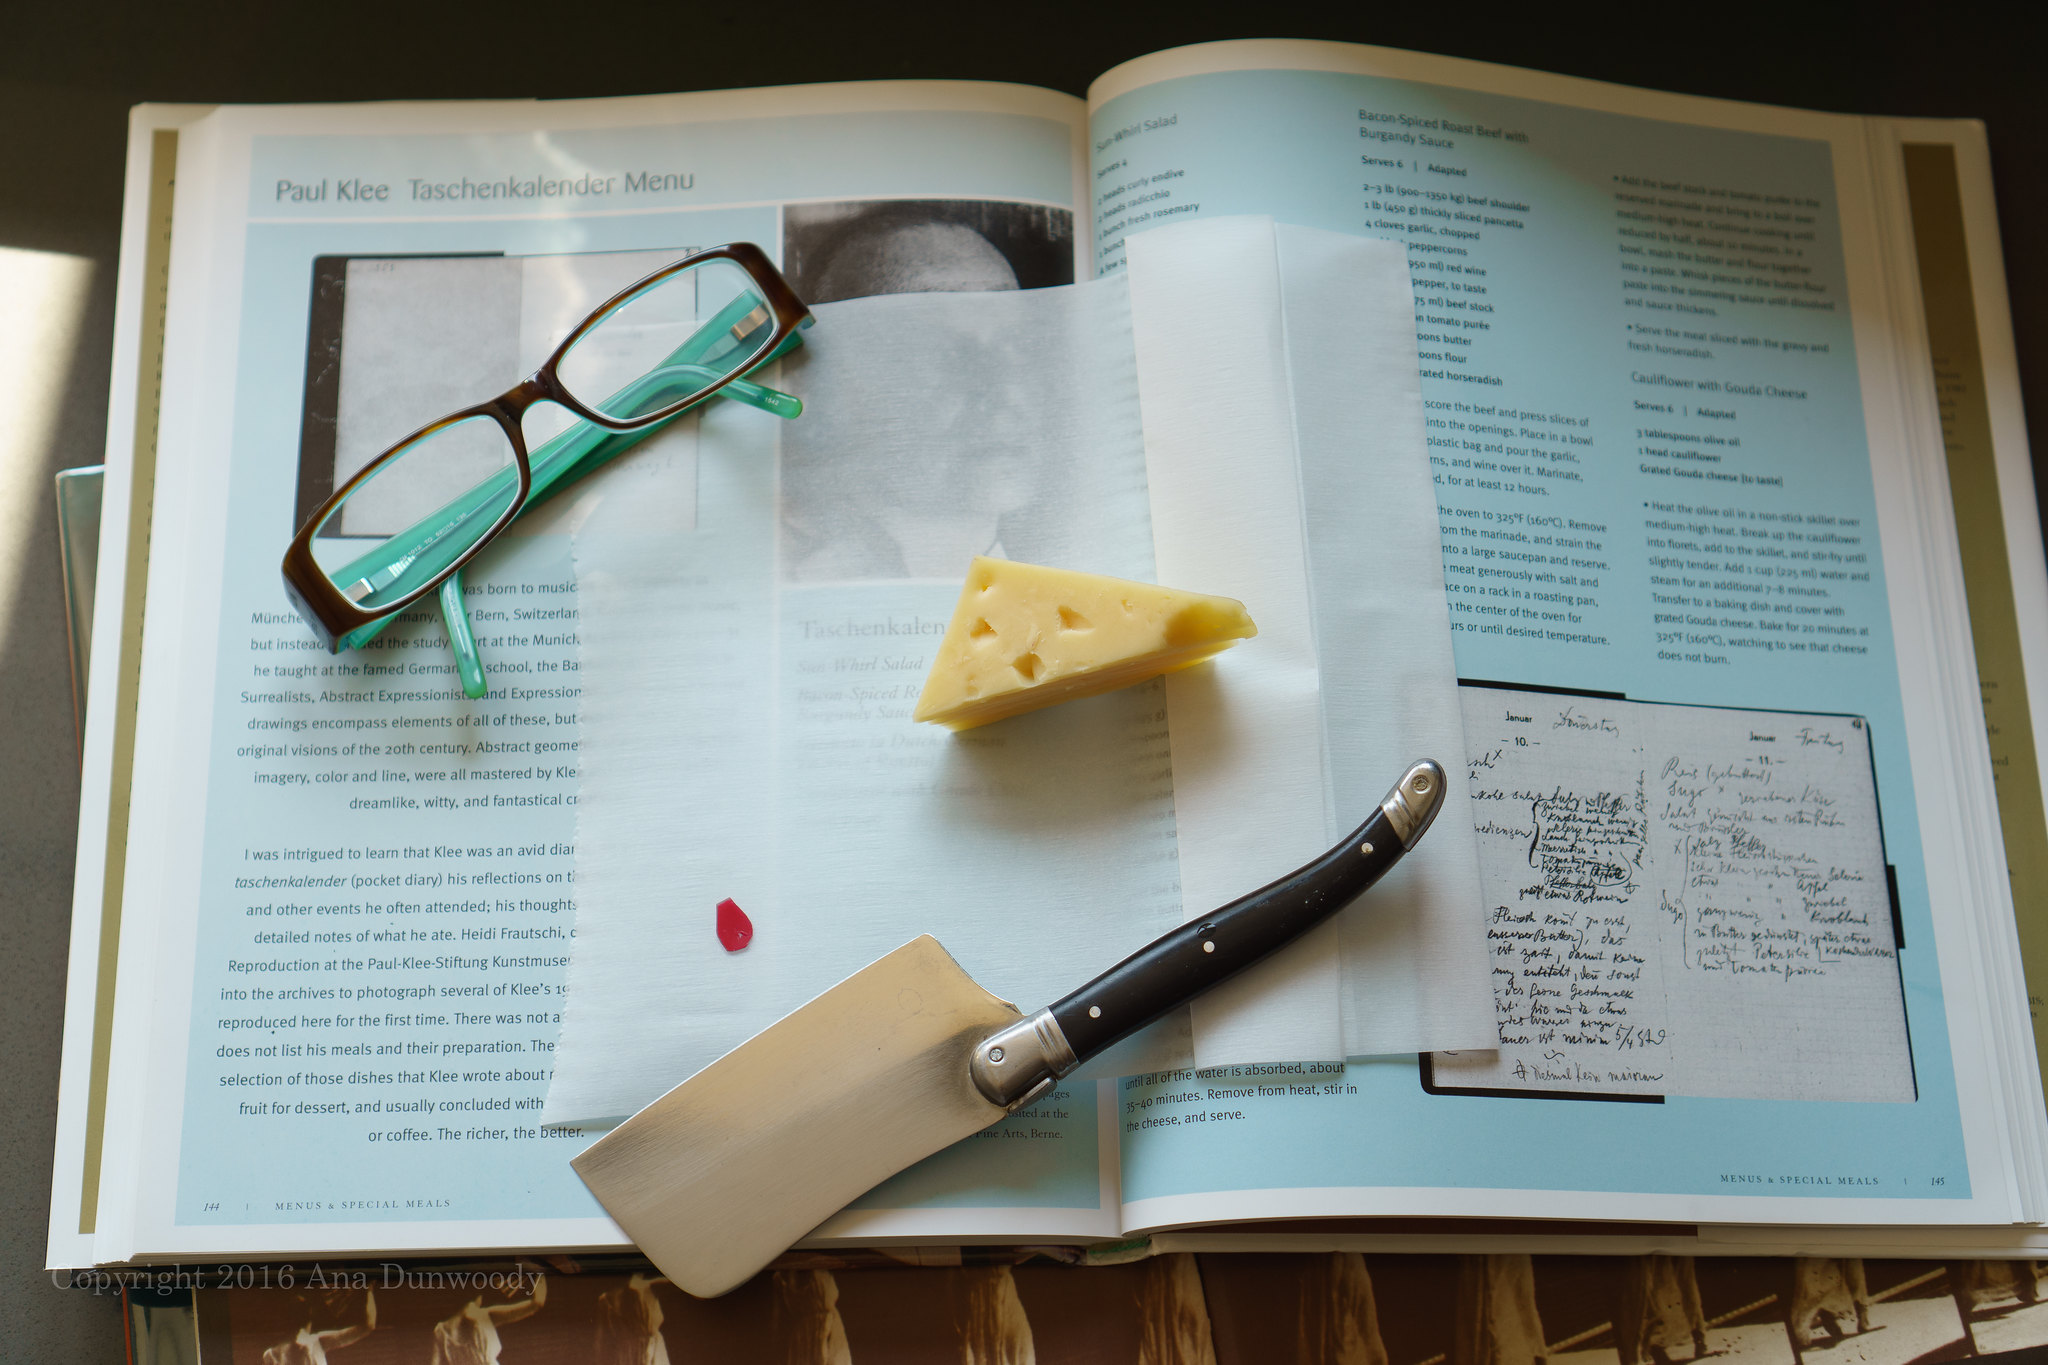 Gouda Cheese - homage to Paul Klee